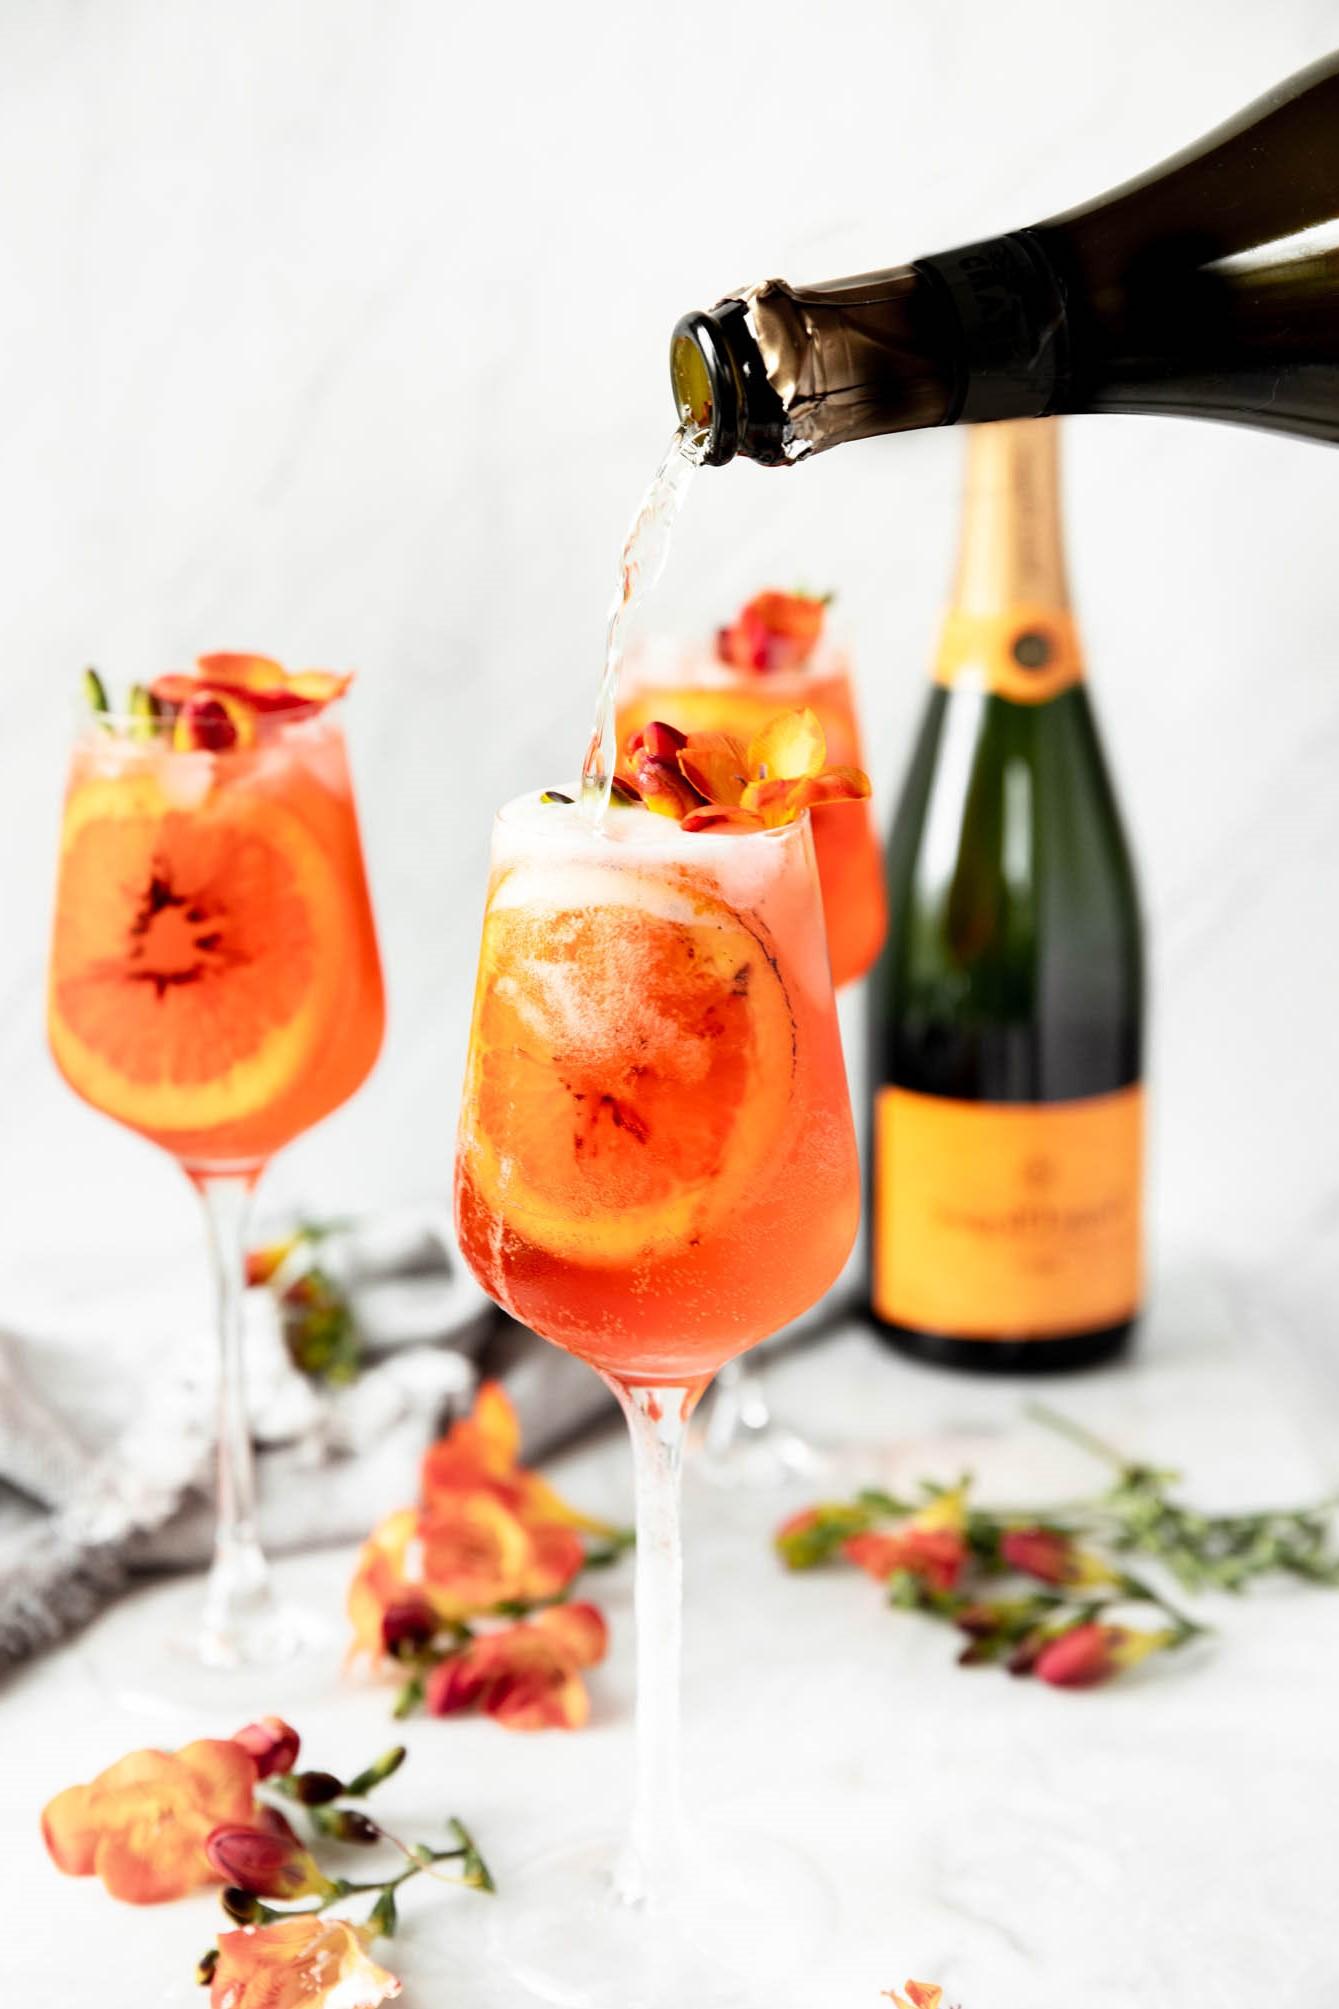 Vous aimez le sucré et le fruité? Recherchez Rosé, Cap Classique, Prosecco ou le terme «Extra sec».